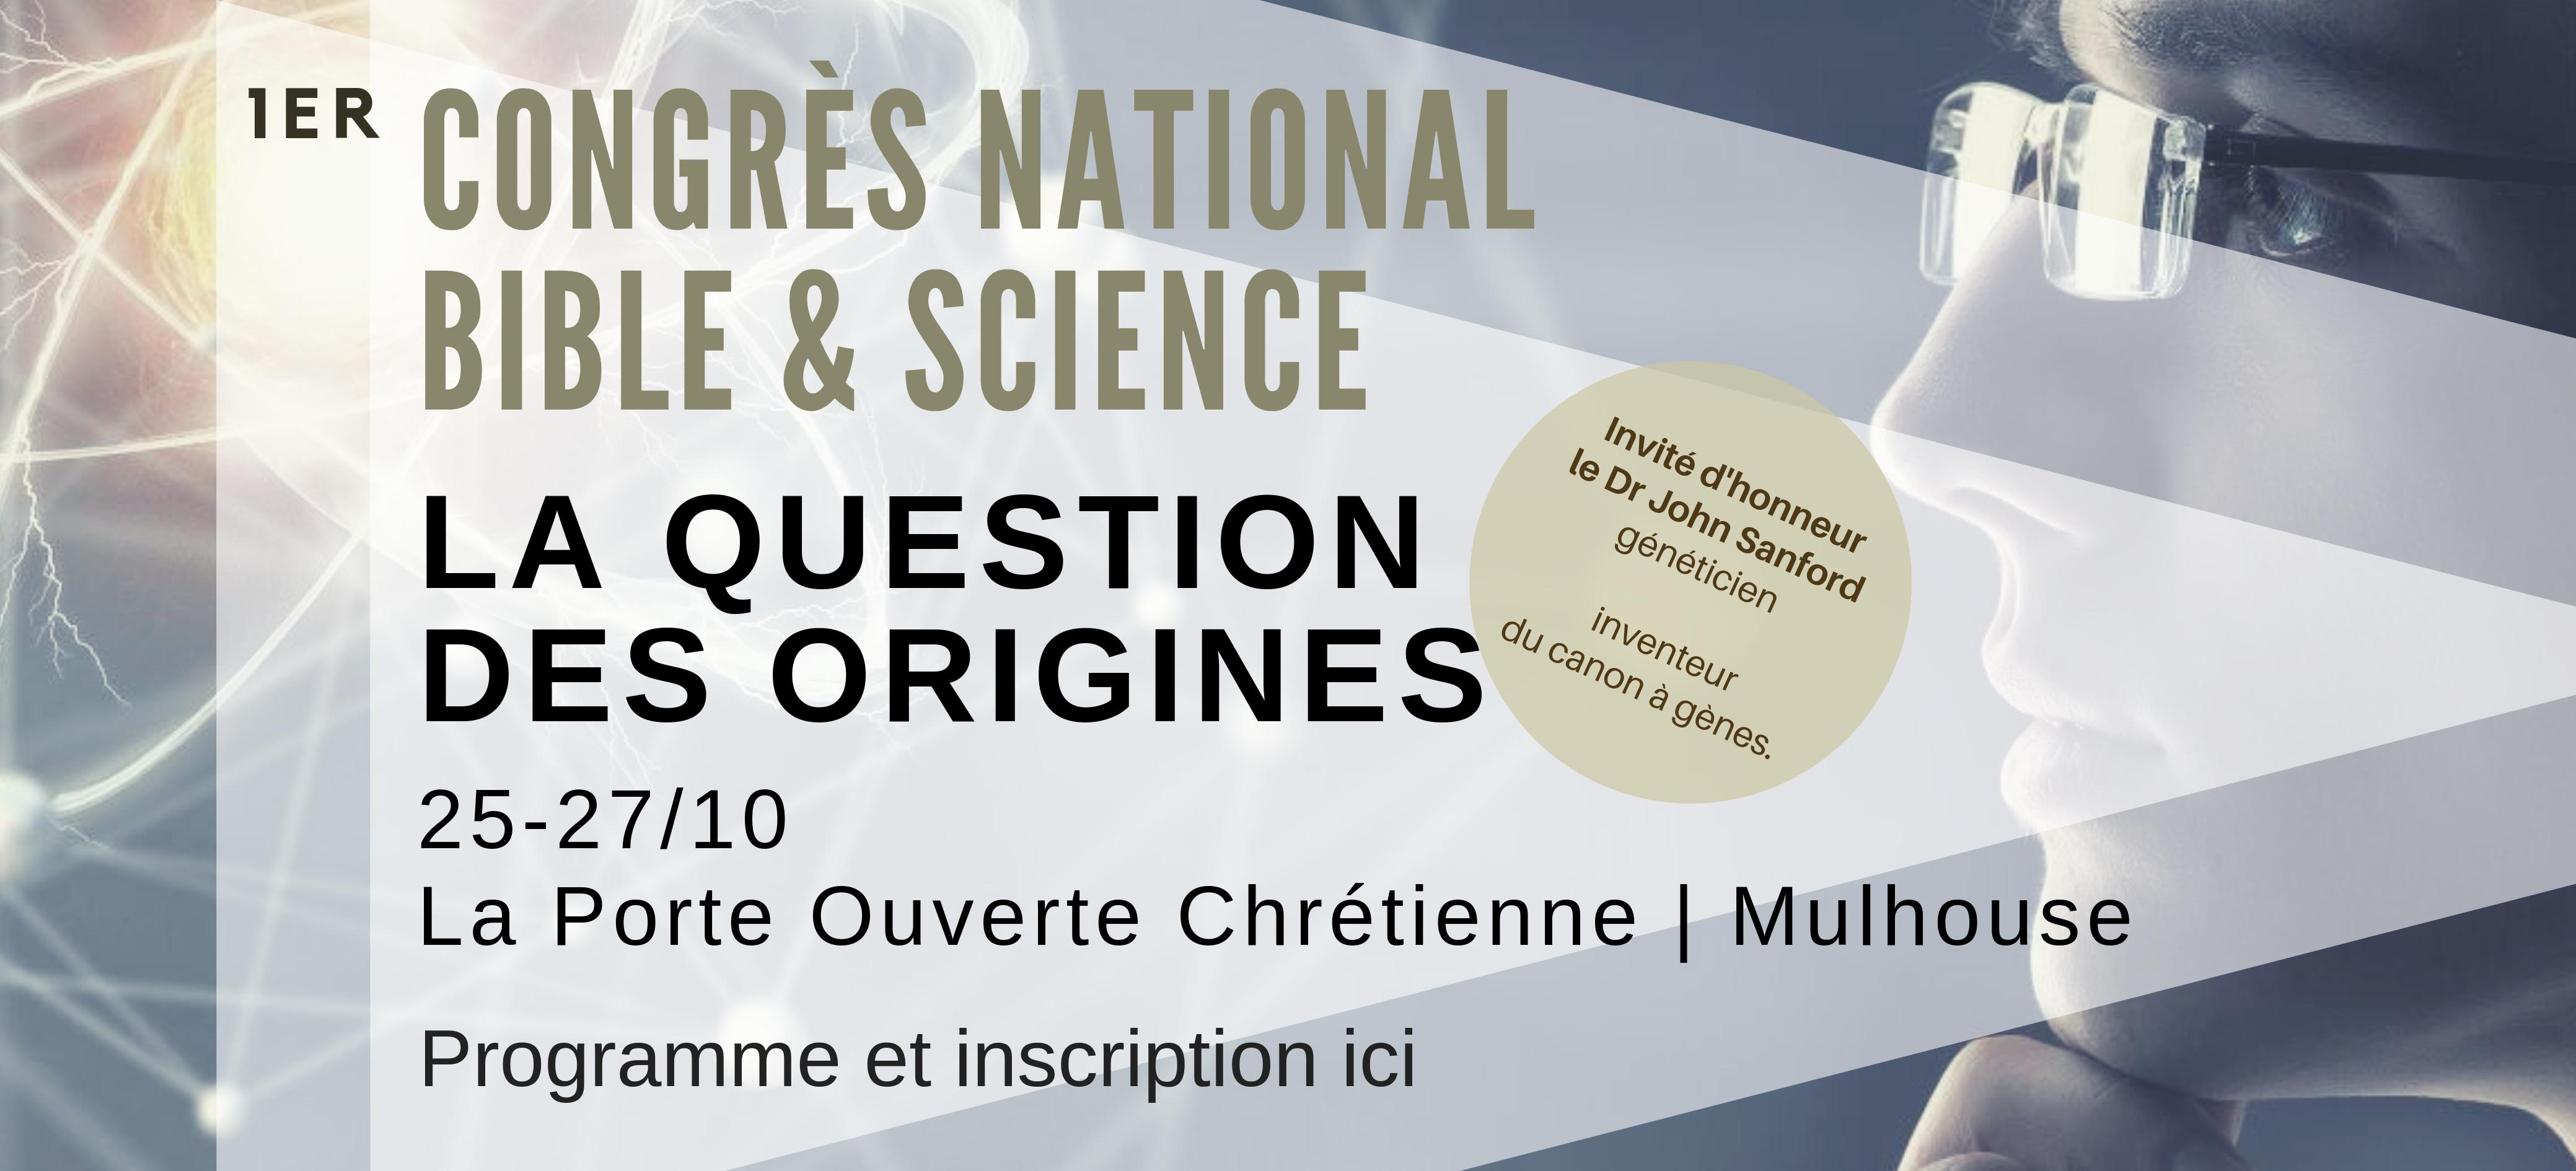 CONGRÈS SCIENTIFIQUE